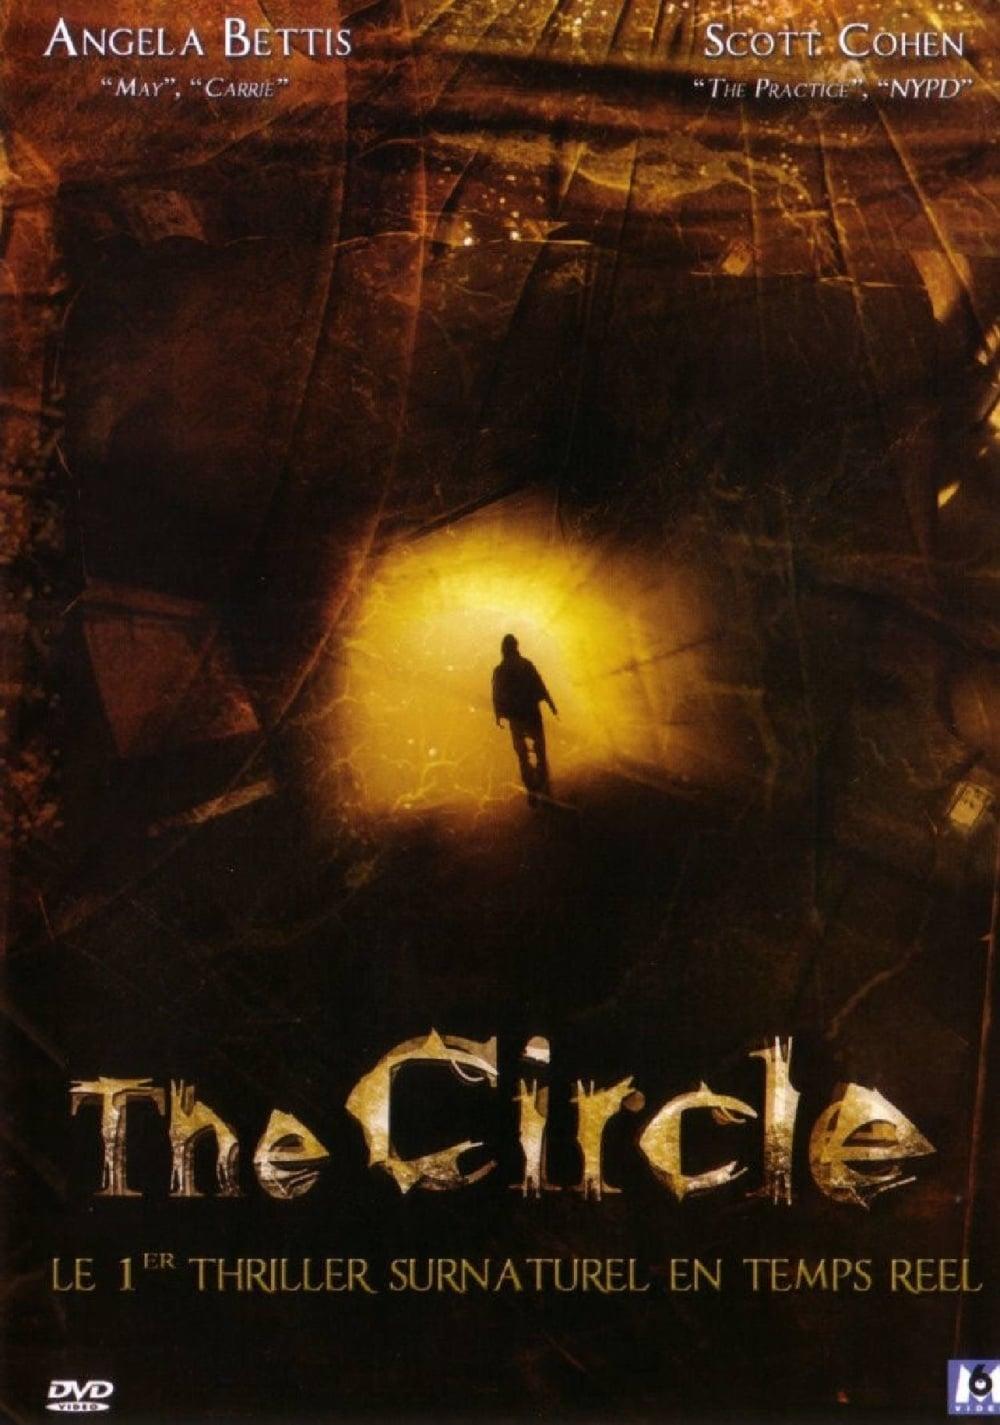 affiche du film The Circle (2005)